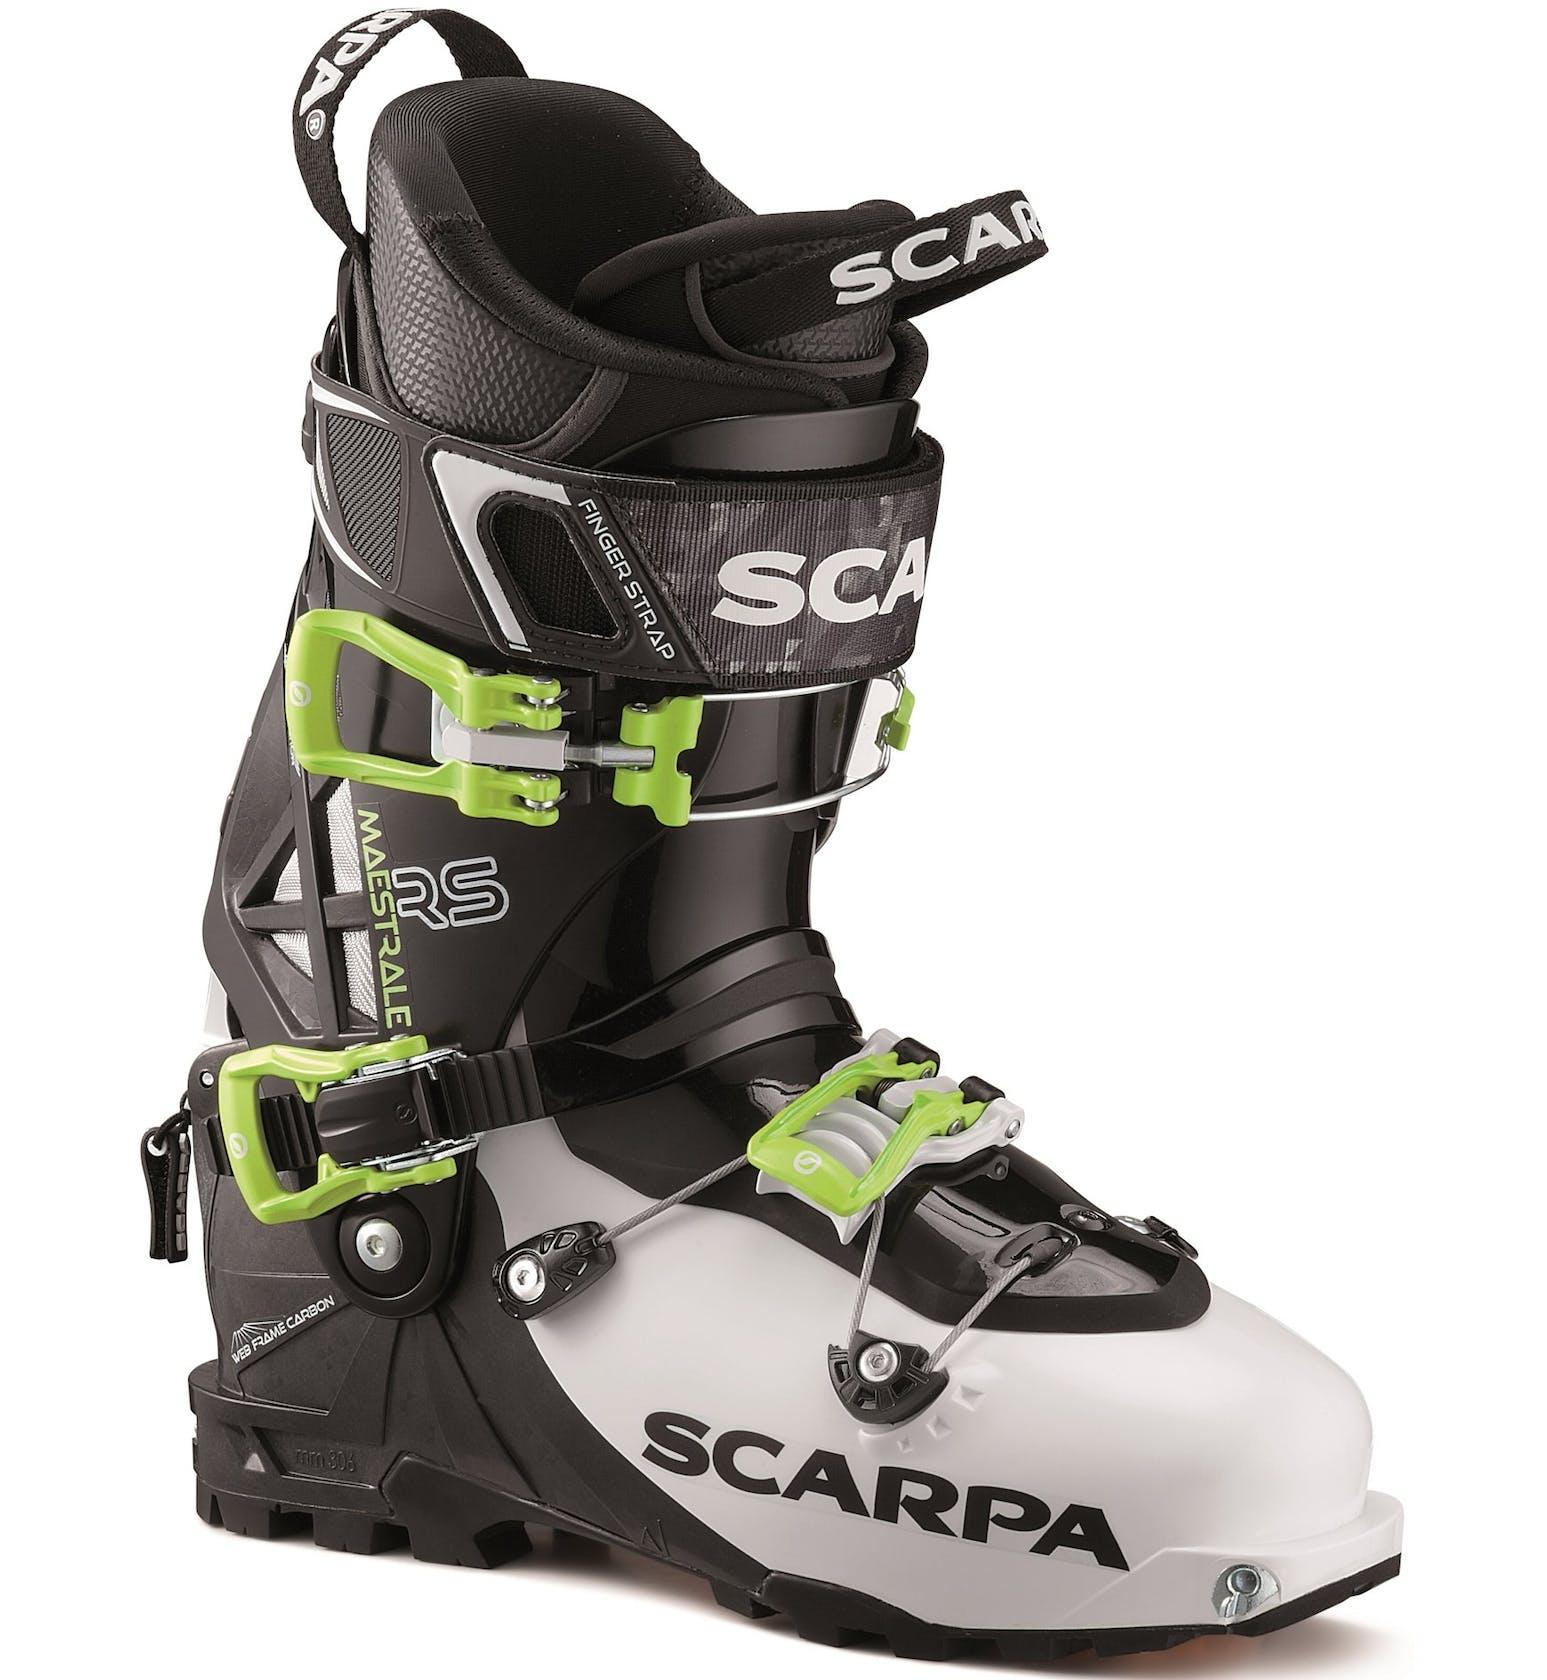 Scarpa Maestrale RS - scarpone scialpinismo - uomo